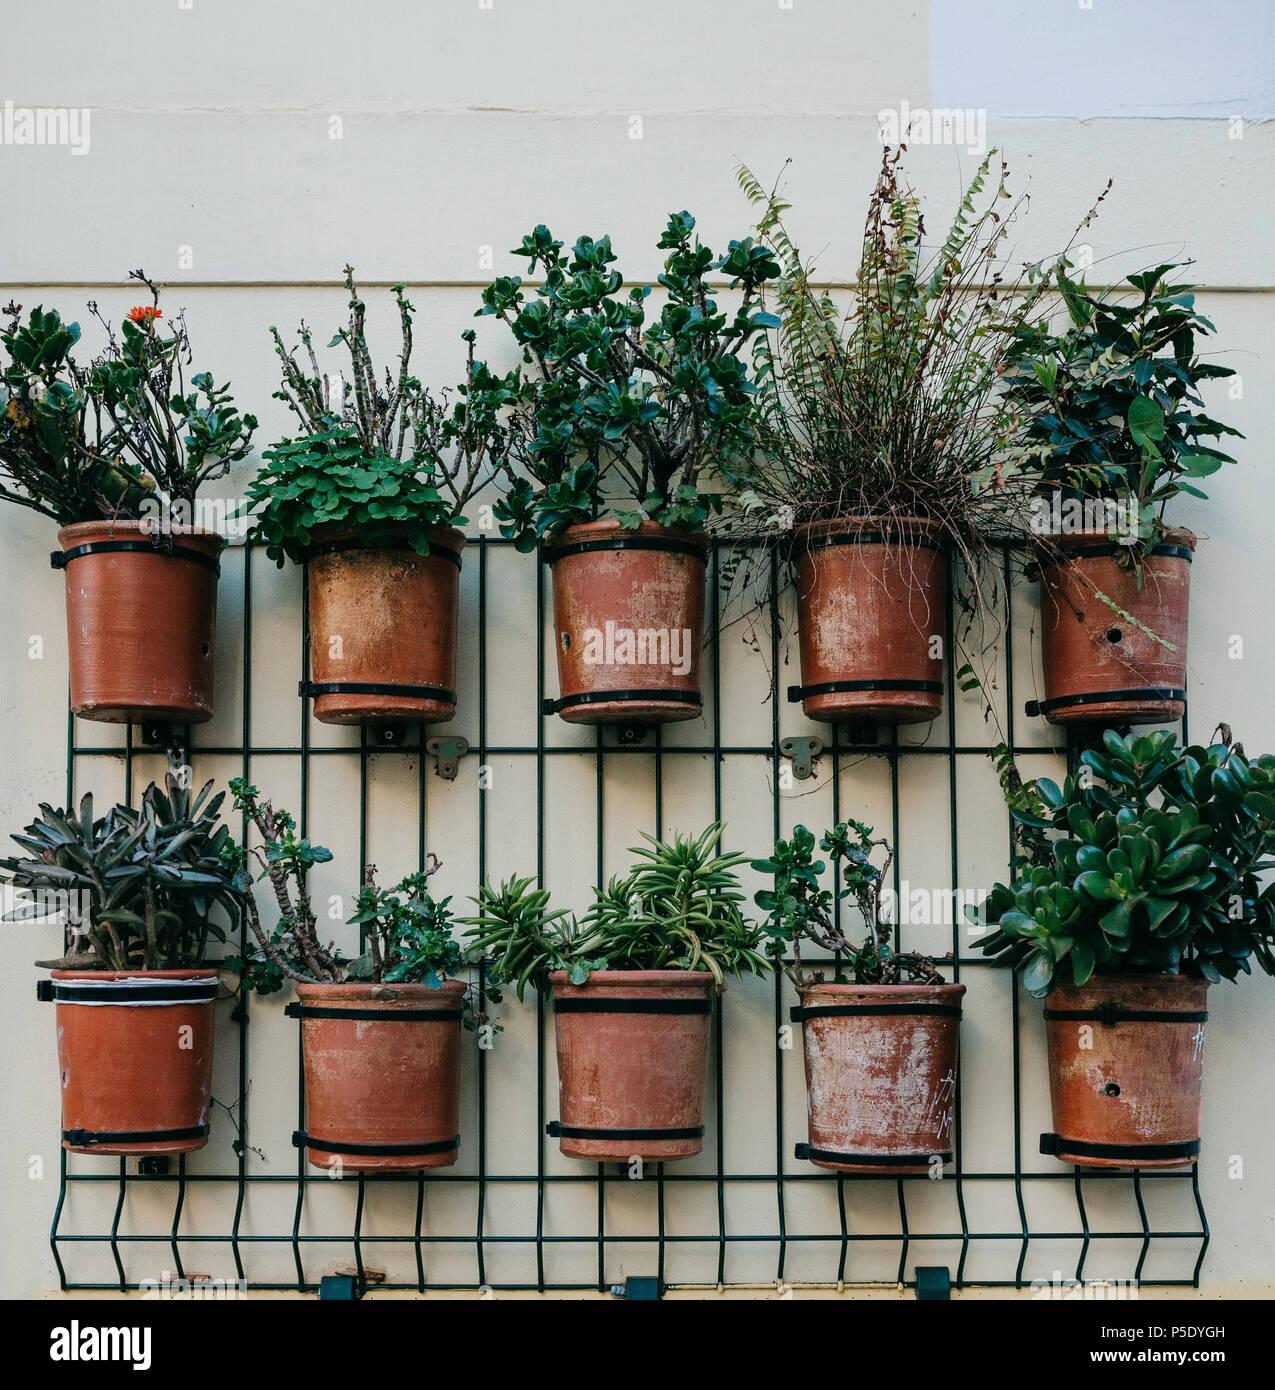 Viele Töpfe mit Pflanzen an der Außenwand des Hauses für die ...